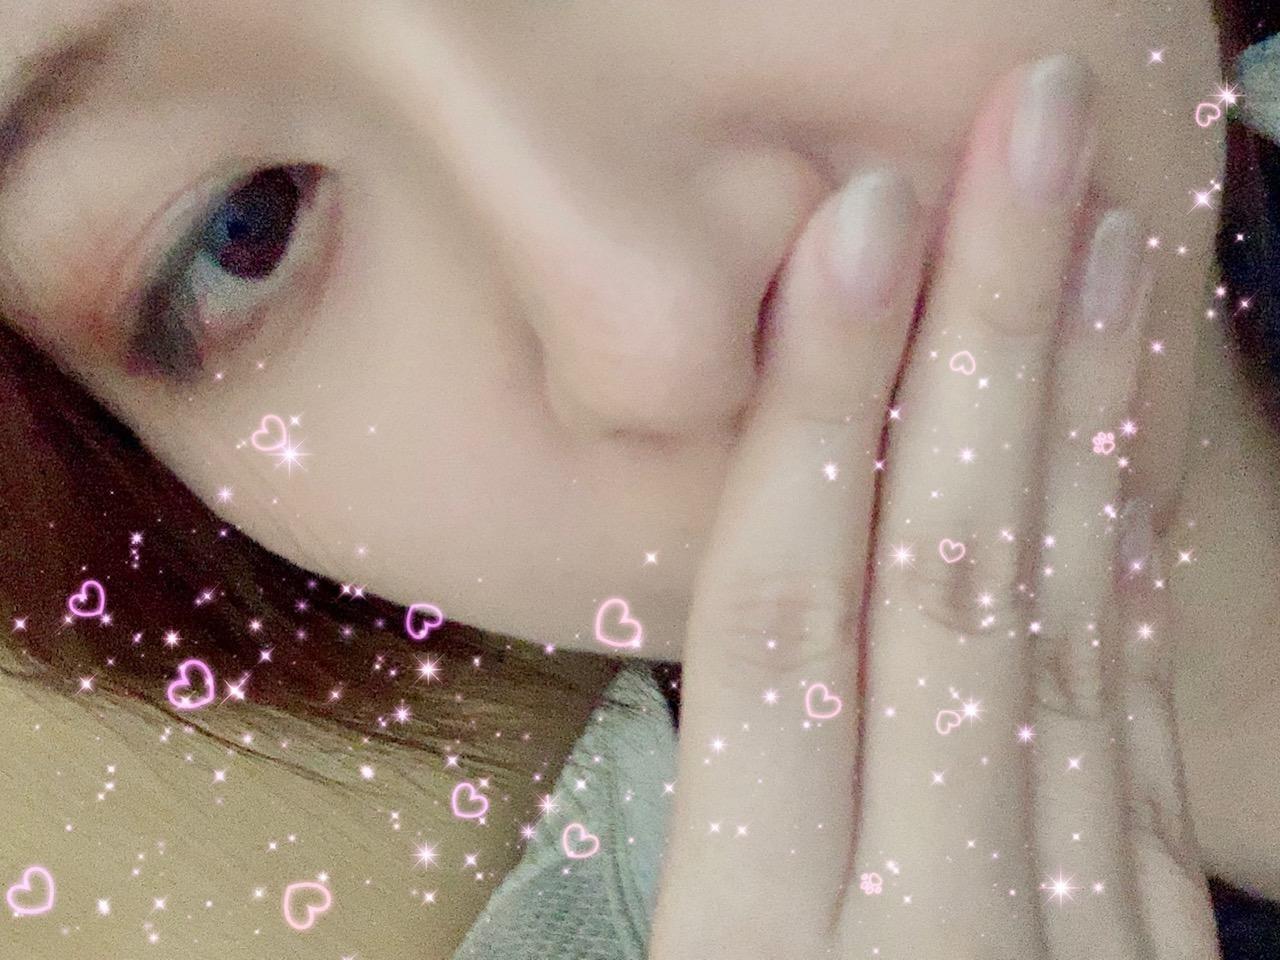 「ネイル♪」04/12(金) 21:15 | ゆいの写メ・風俗動画